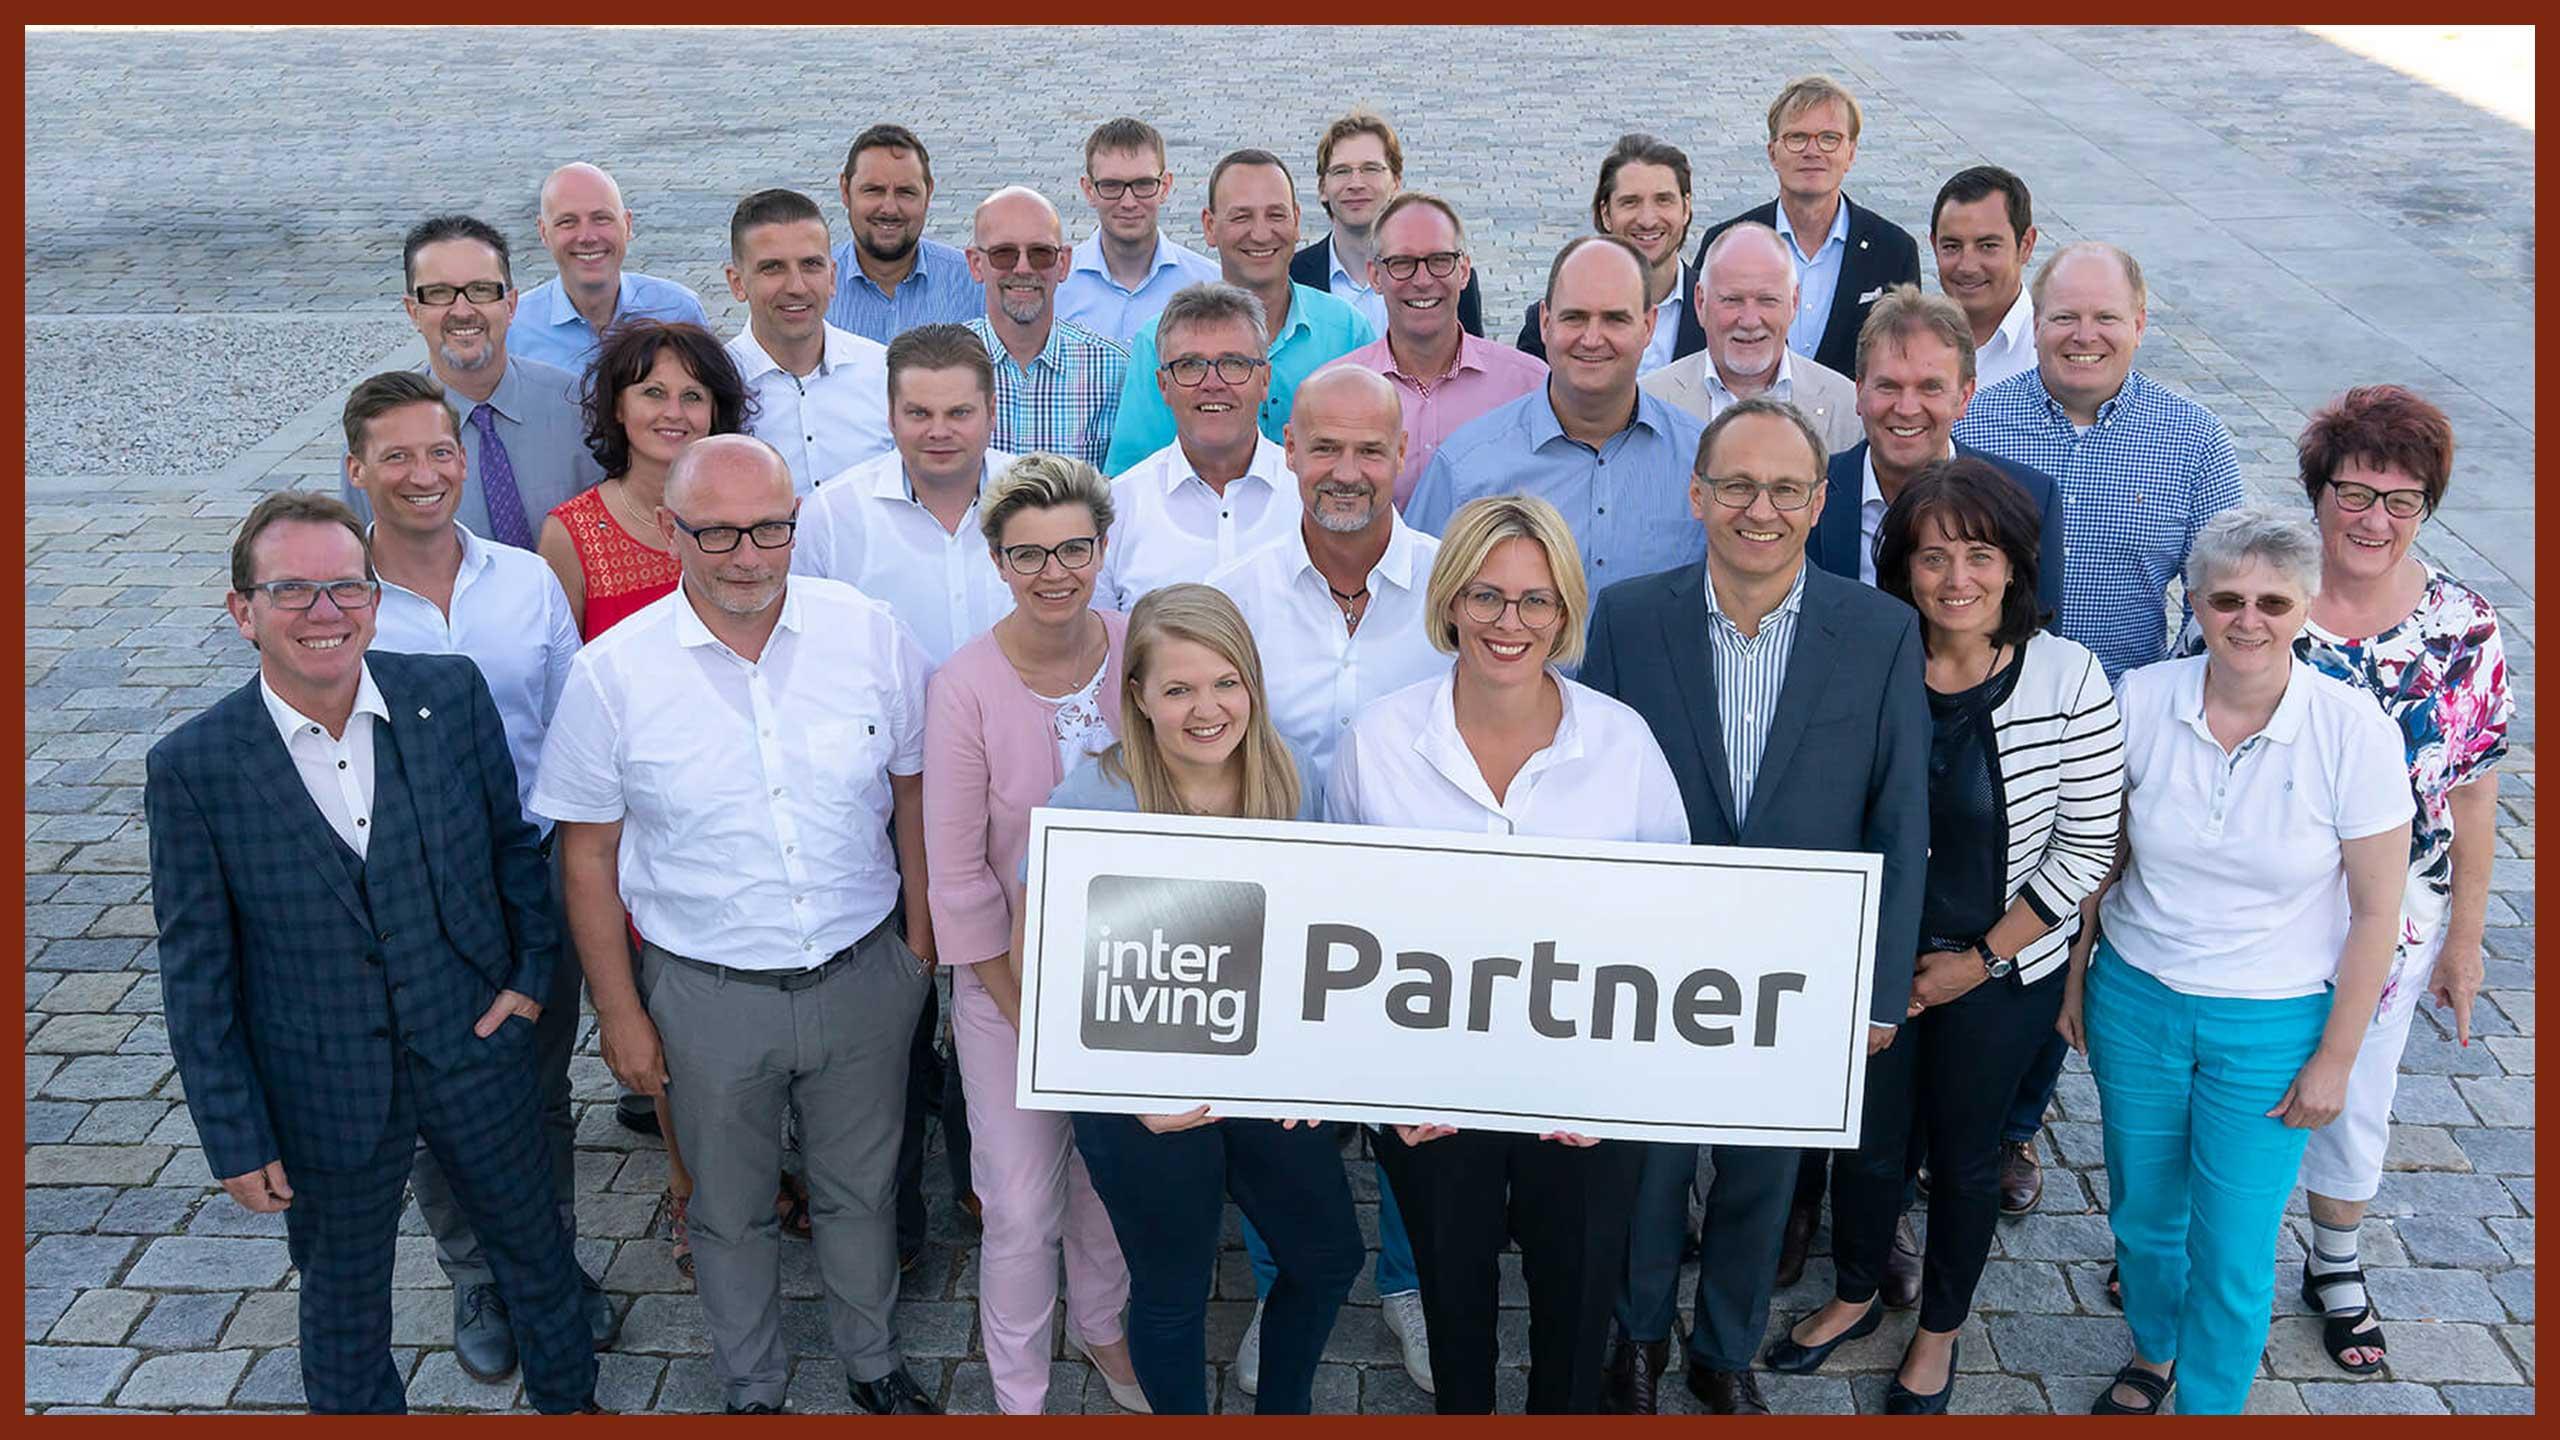 Interliving Partner Gruppenfoto